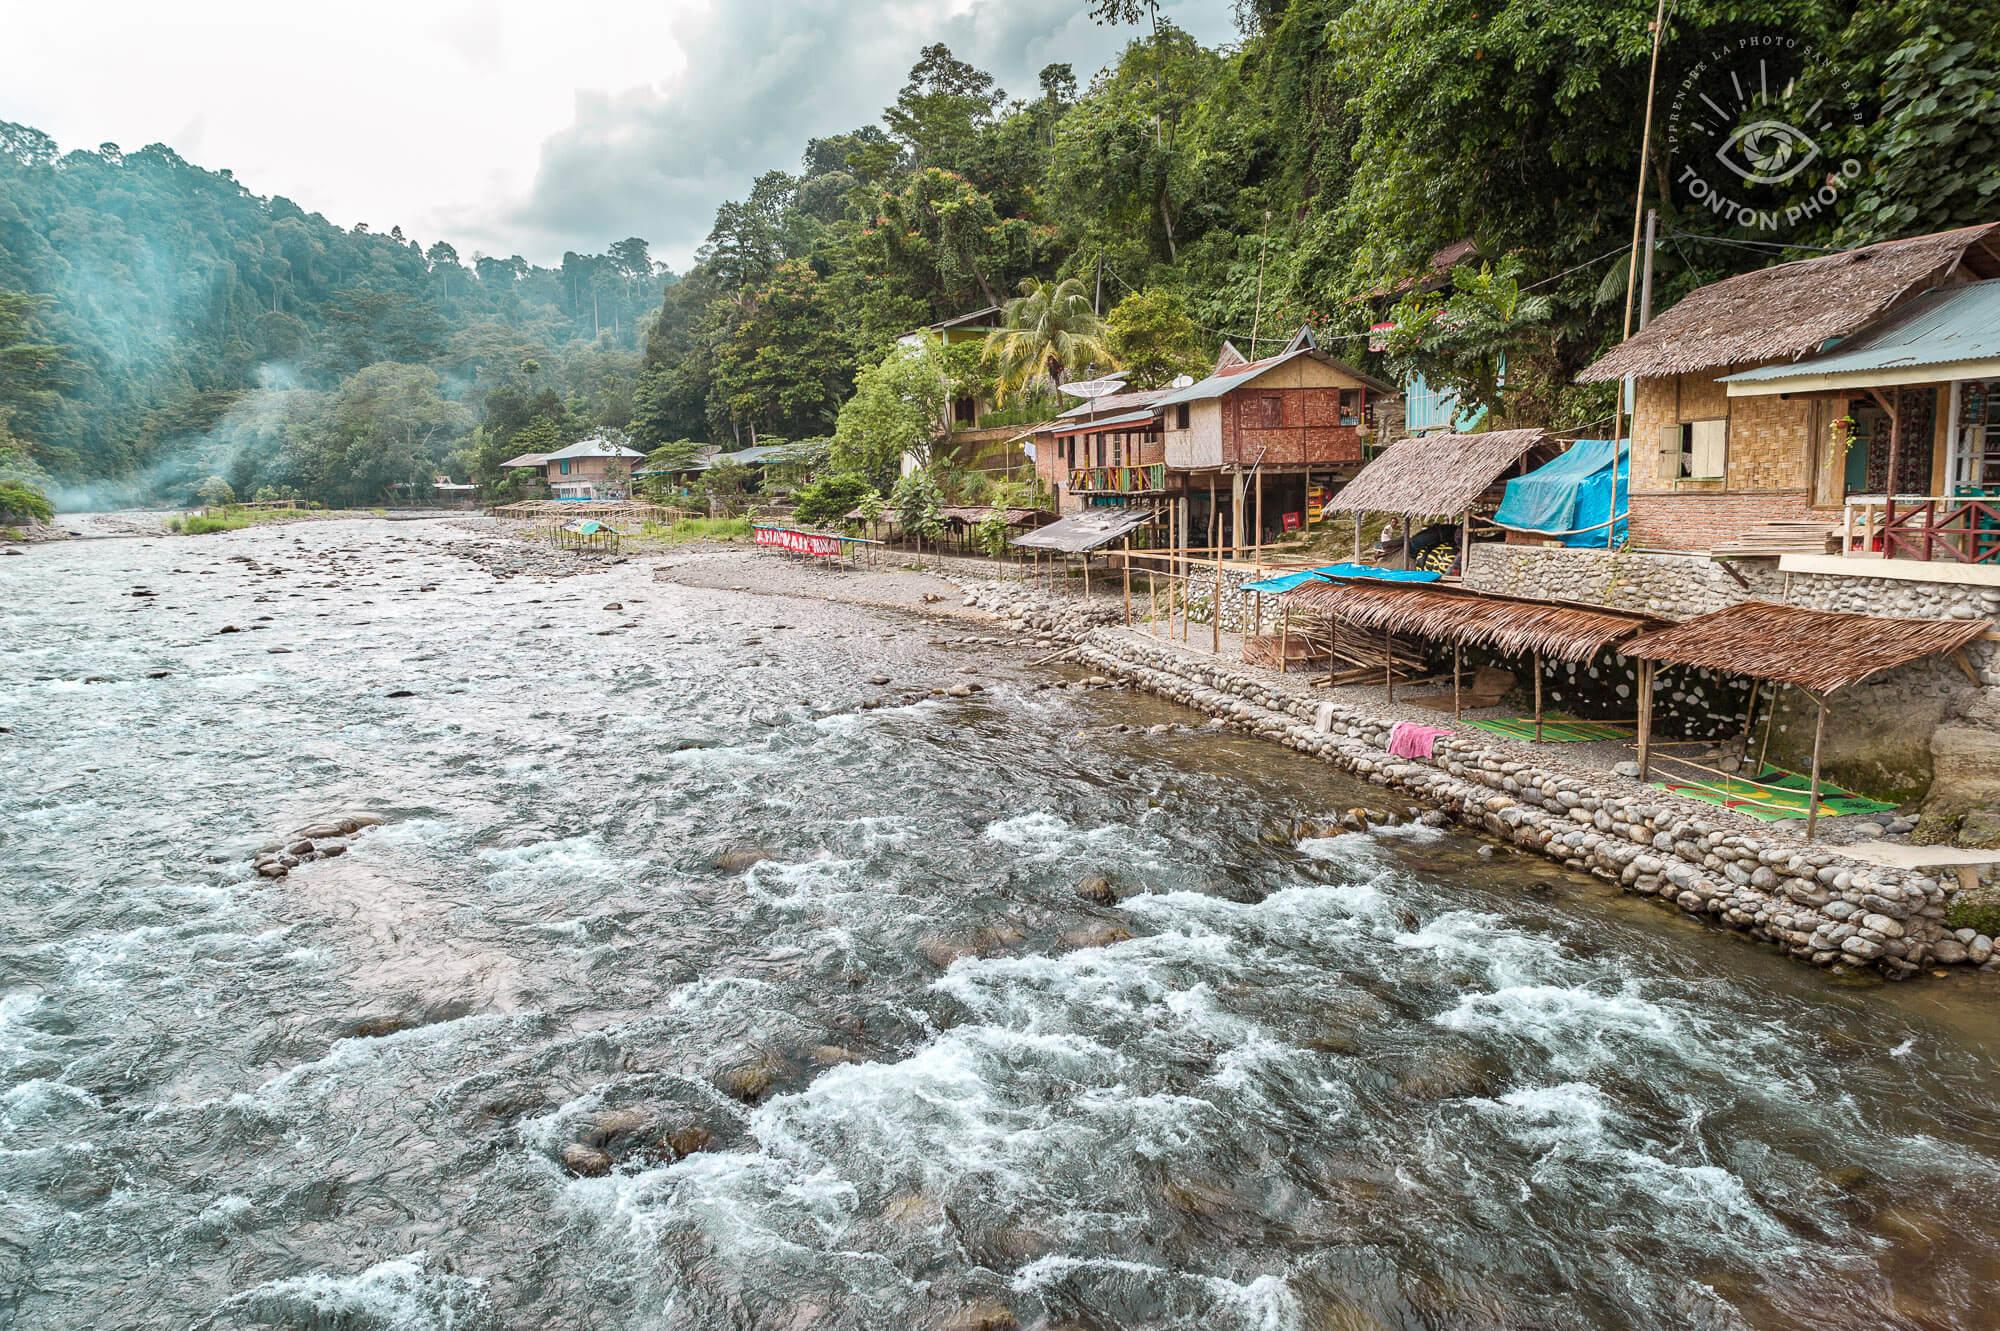 Le village de Bukit Lawang, point de départ du trek d'observation des orang-outans dans le Parc National du Gunung Leuser. Île de Sumatra, Indonésie © Clément Racineux / Tonton Photo